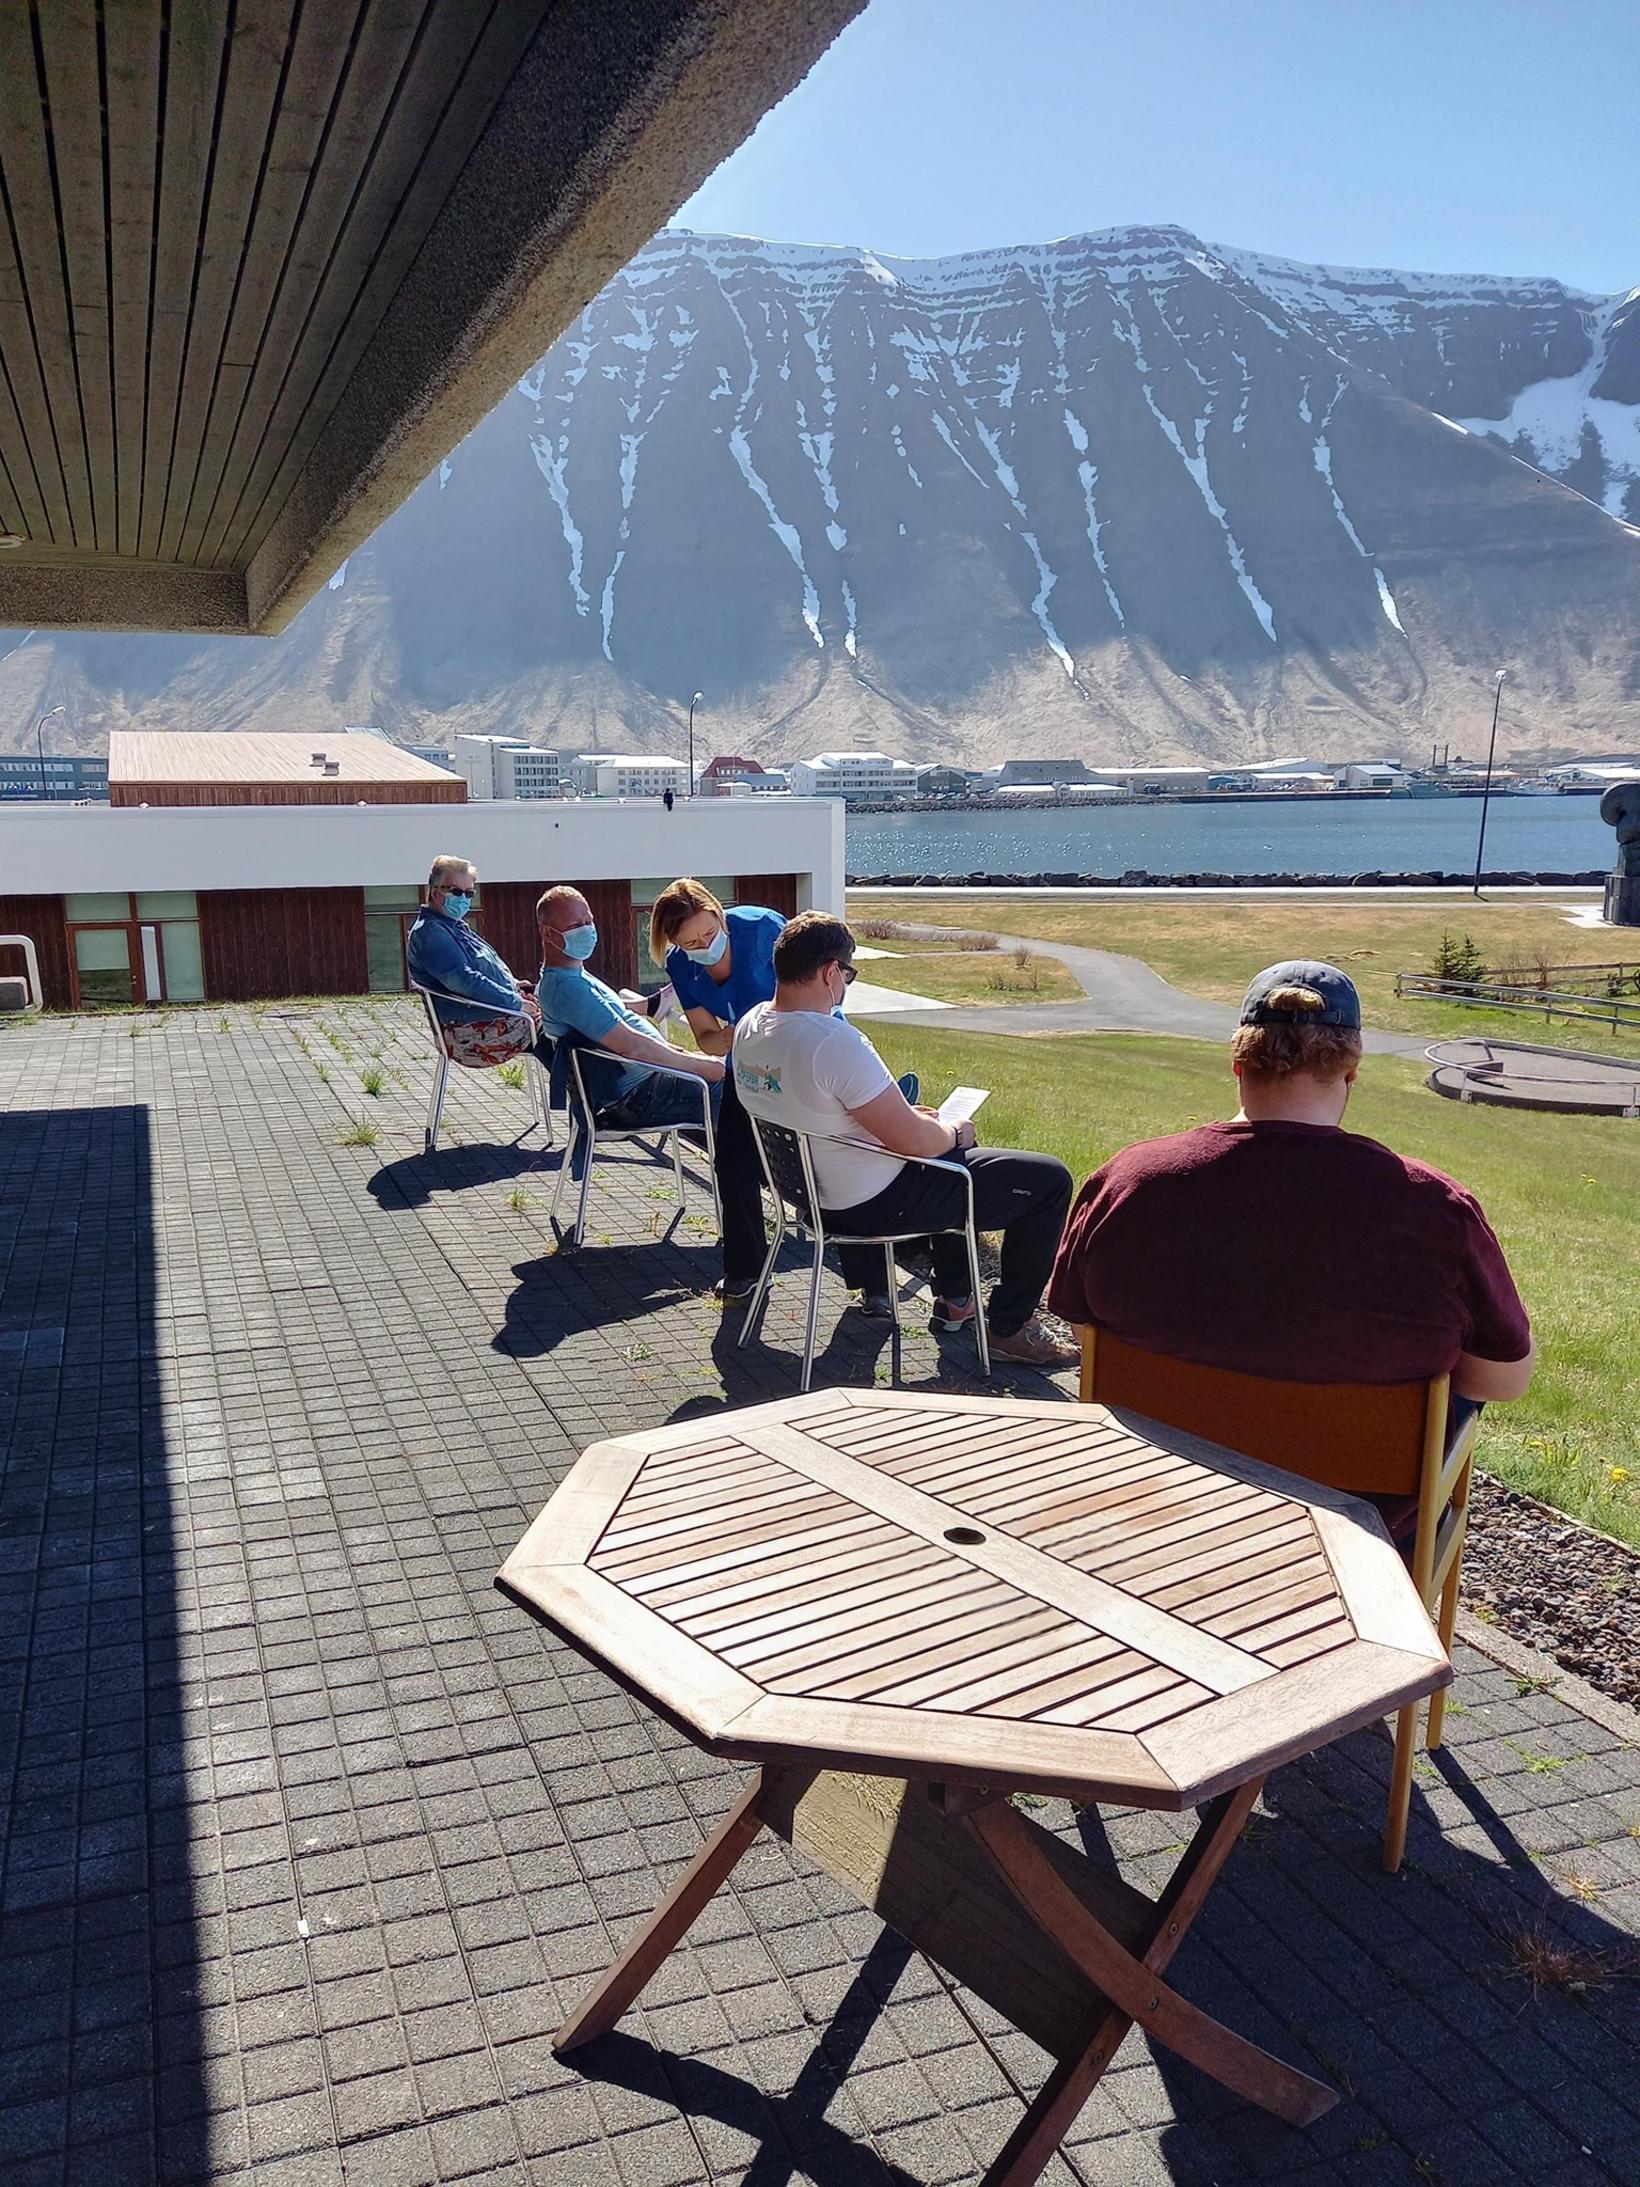 Bólusett við frábærar aðstæður á Ísafirði í maímánuði.